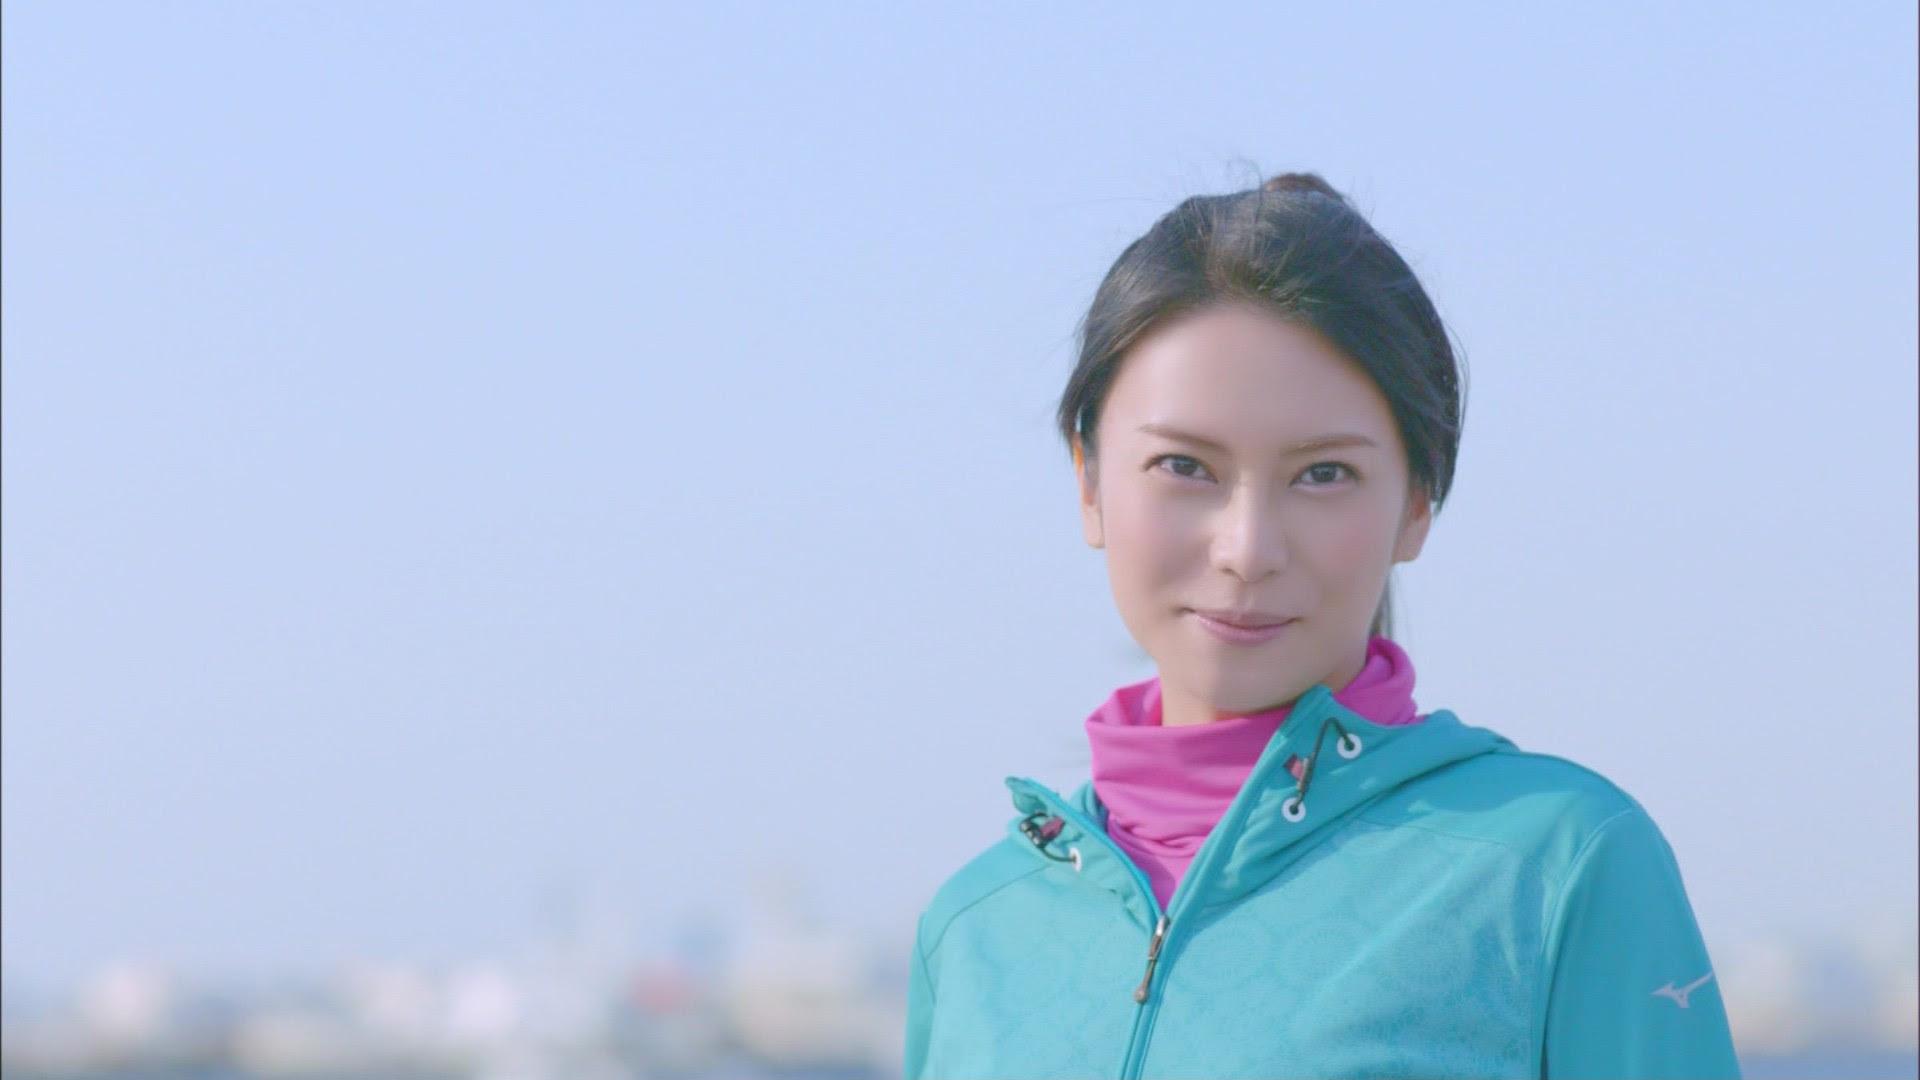 画像 同姓からも人気 いつまでも美しい 柴咲コウちゃんの画像集